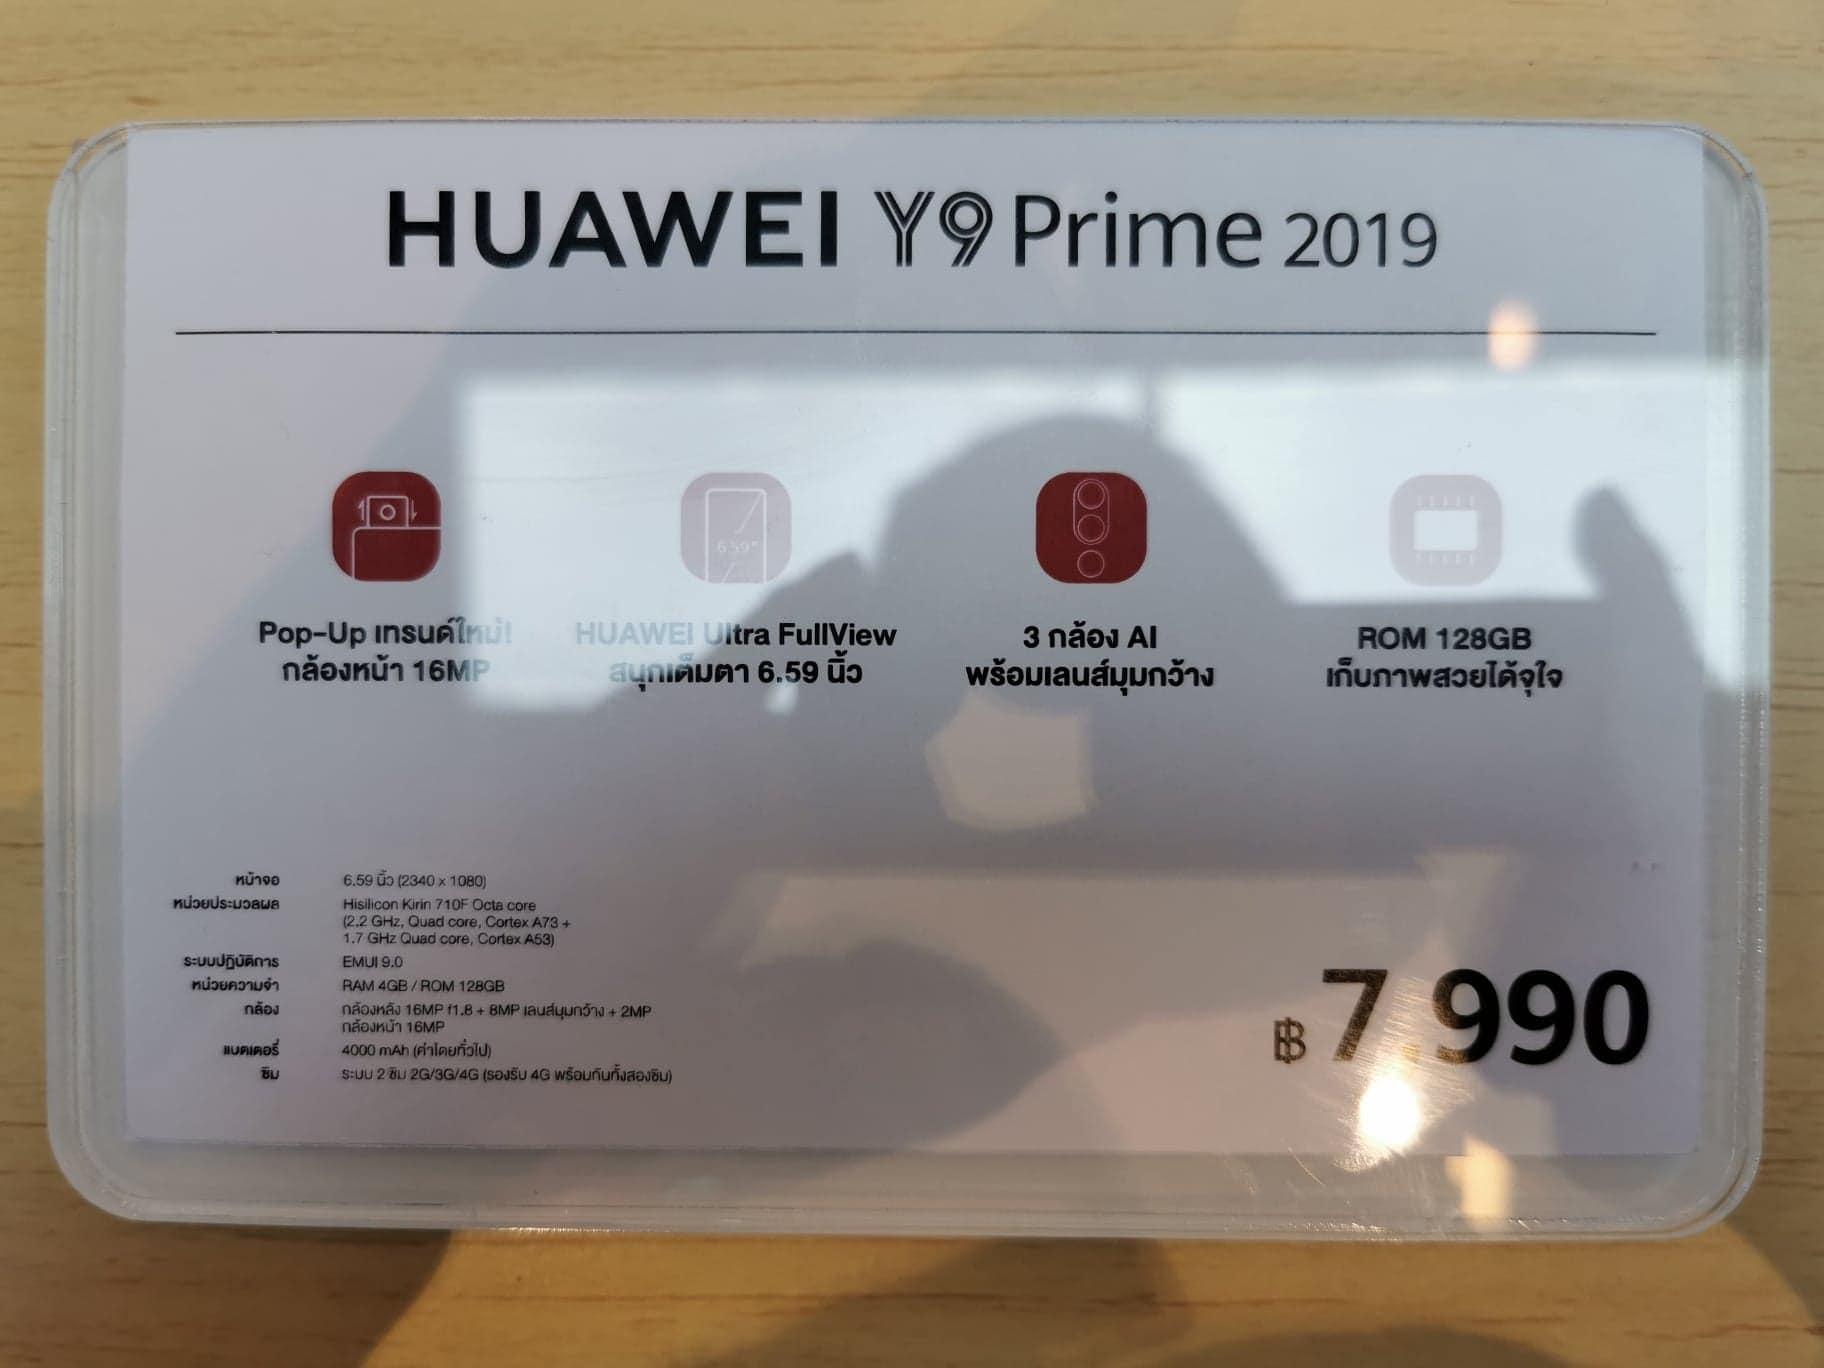 พาไปดูโปรโมชั่นสัปดาห์ที่ 2 กับแคมเปญ HUAWEI Grand Sale 2019 รับสิทธิ์ 3 ต่อ มือถือและแท็บเล็ตรุ่นดัง 3